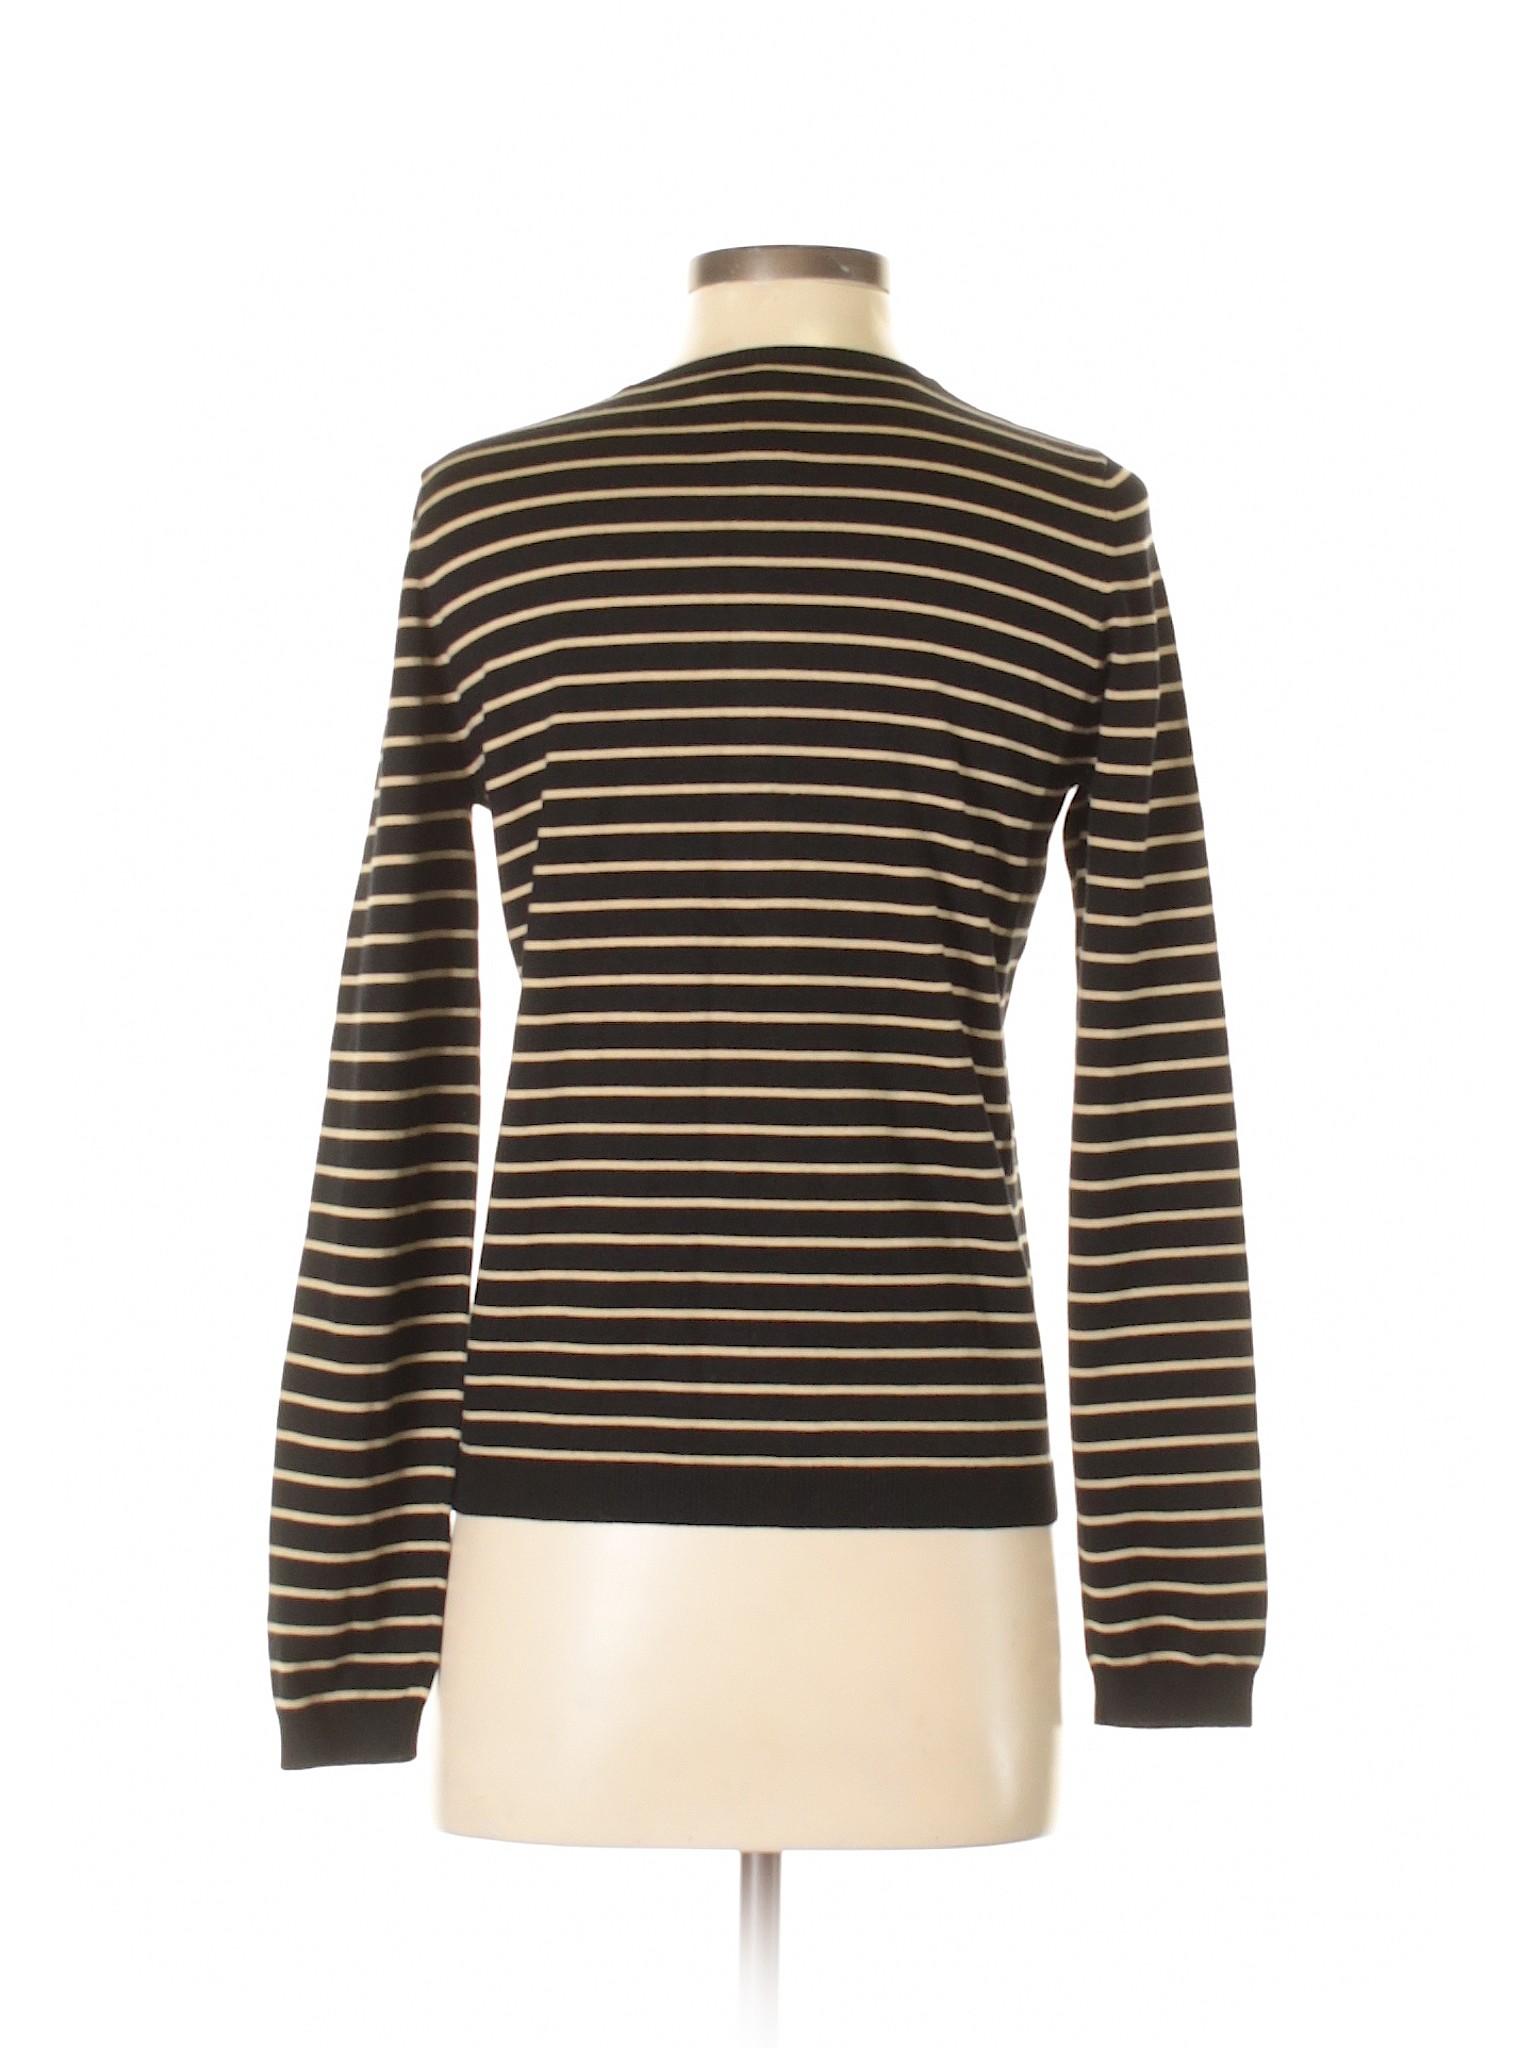 Cardigan Silk Lauren by Lauren winter Boutique Ralph YqTPYAw